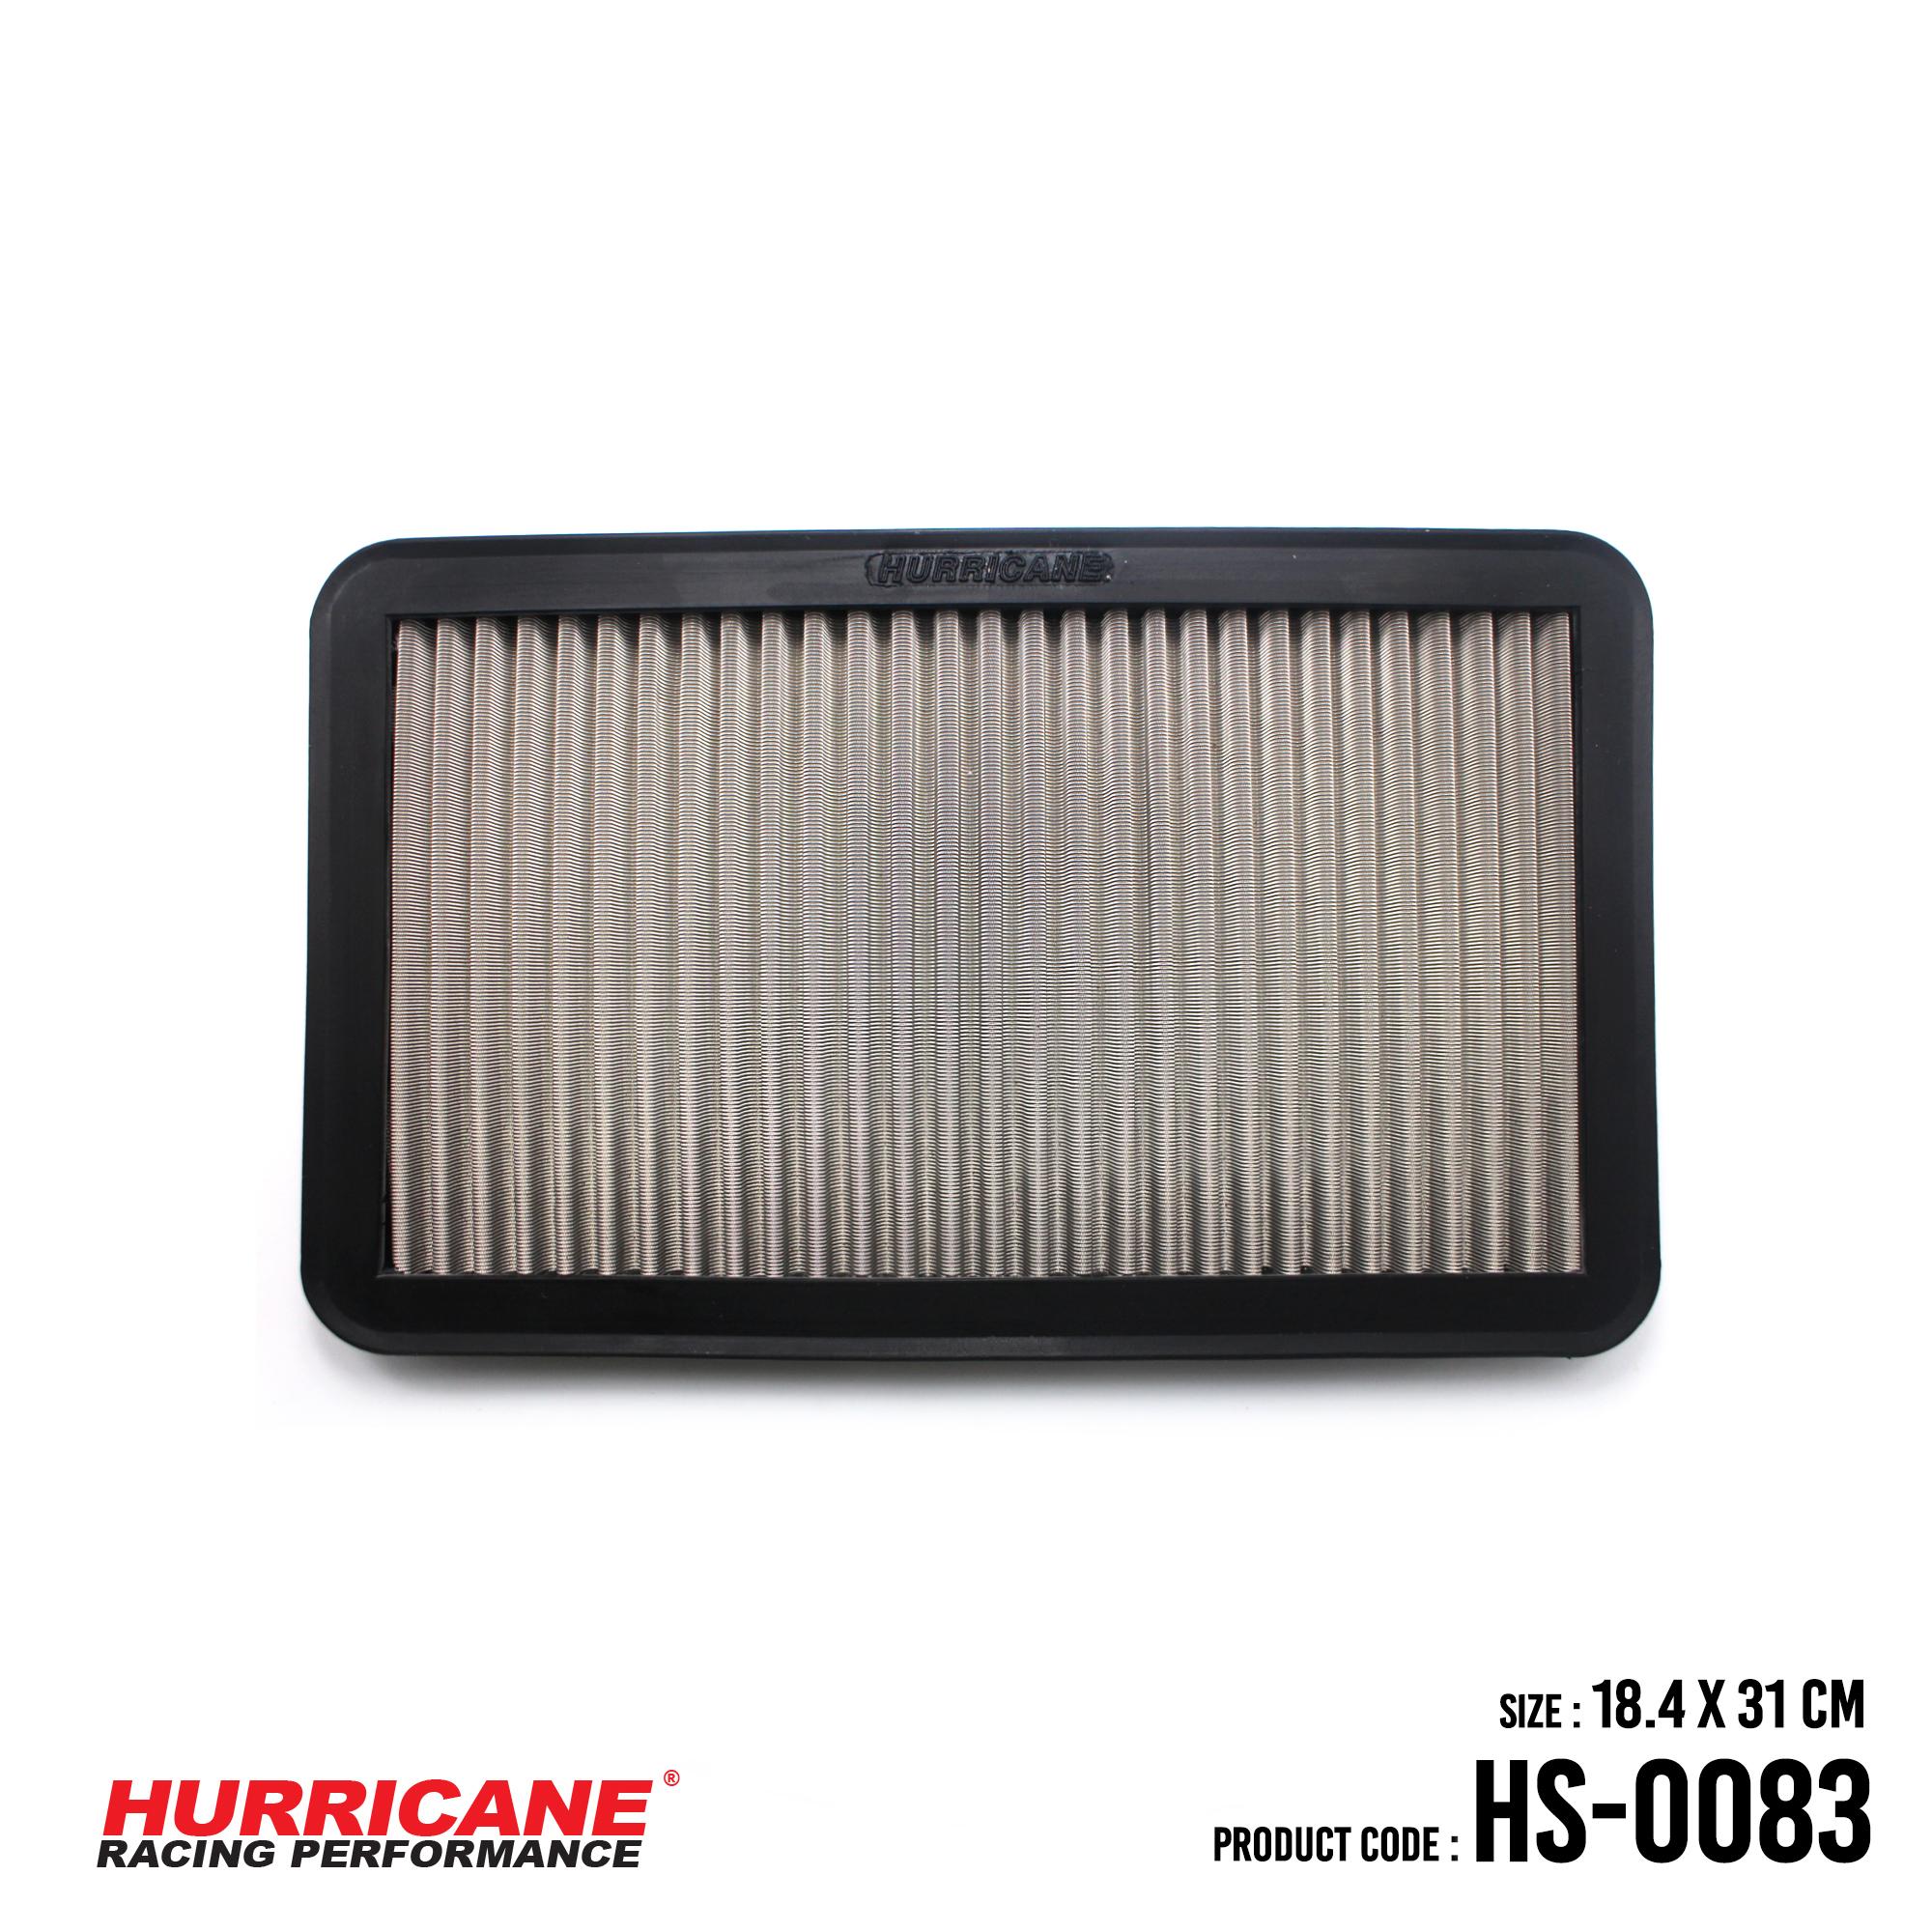 HURRICANE STAINLESS STEEL AIR FILTER FOR HS-0083 LexusToyota